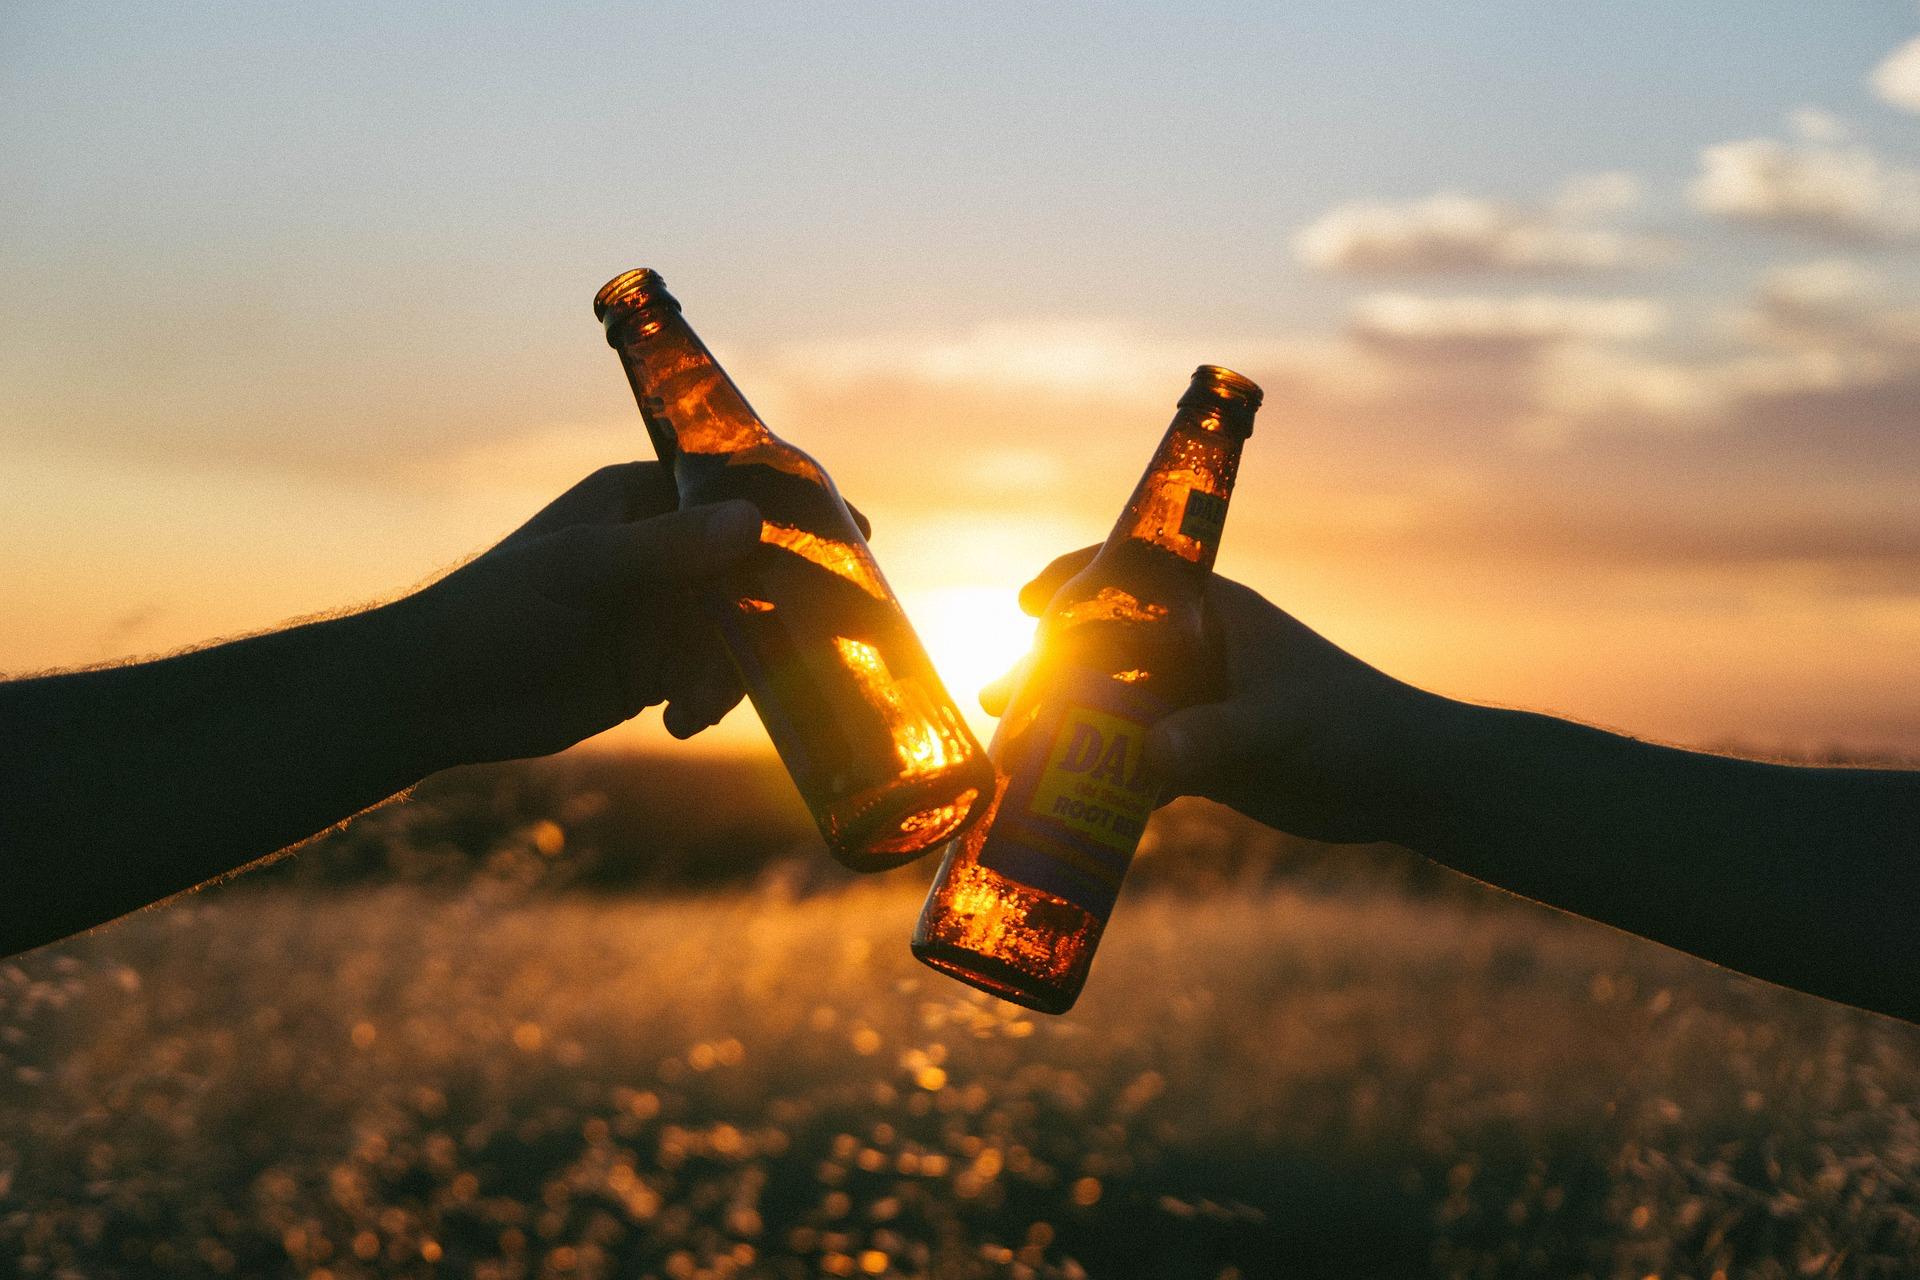 Pain grillé, amitié, bière, couple, se détendre - Fonds d'écran HD - Professor-falken.com